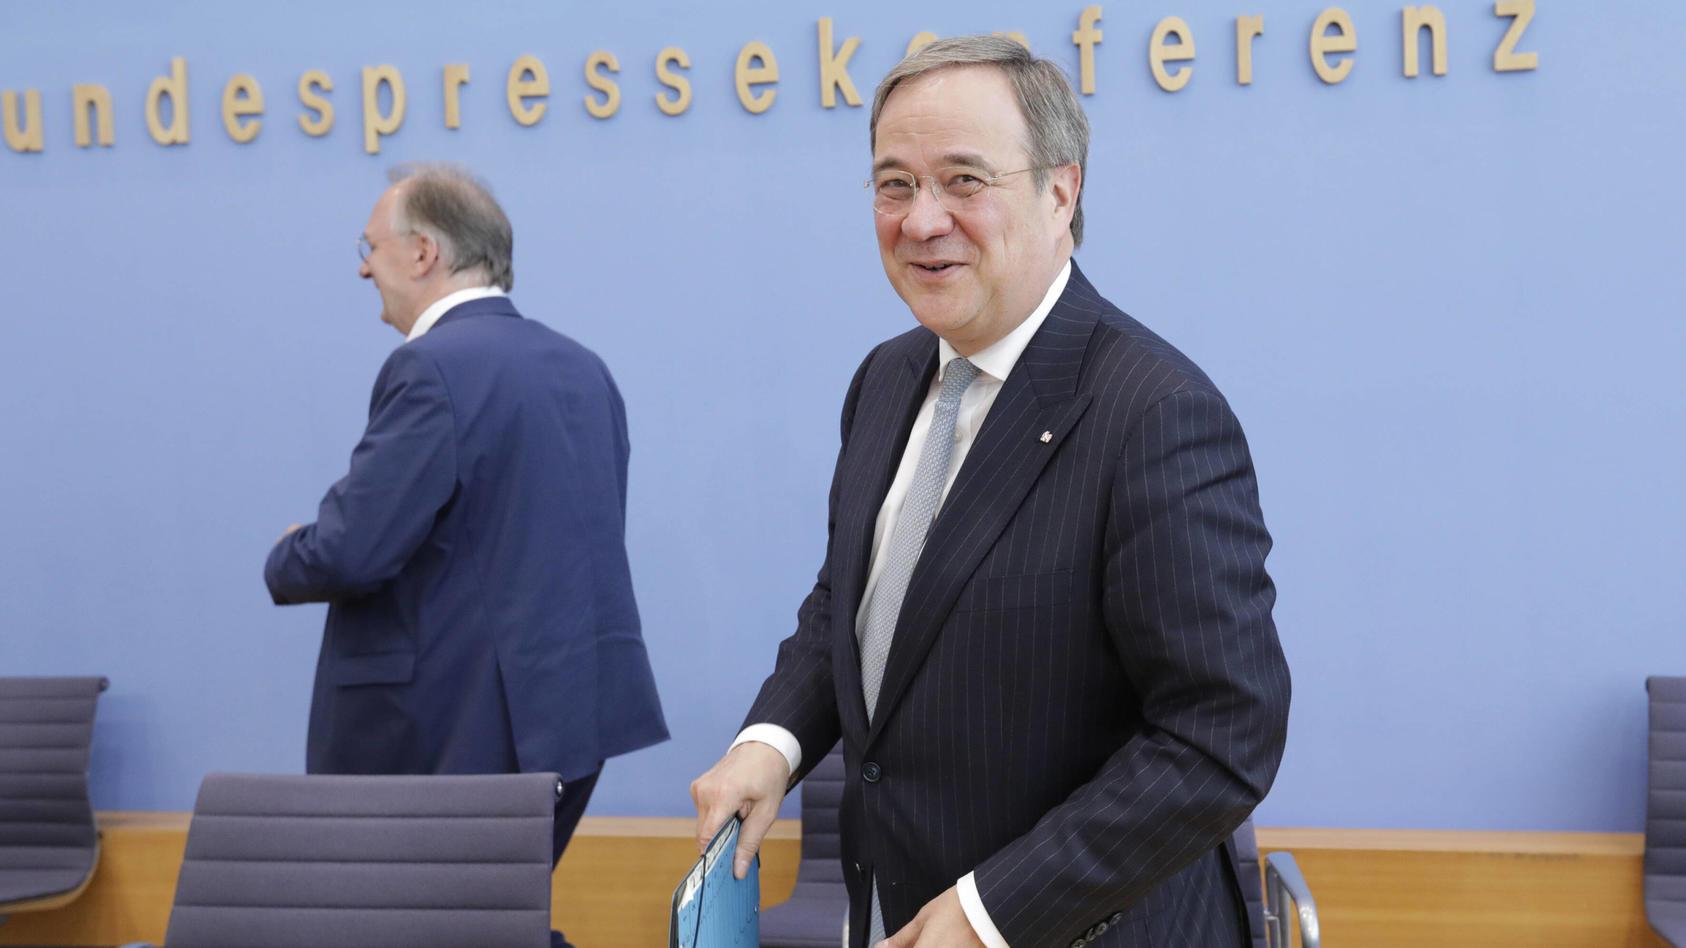 Reiner Haseloff, Ministerpraesident des Landes Sachsen-Anhalt, CDU, Armin Laschet, Ministerpraesident des Landes Nordrh